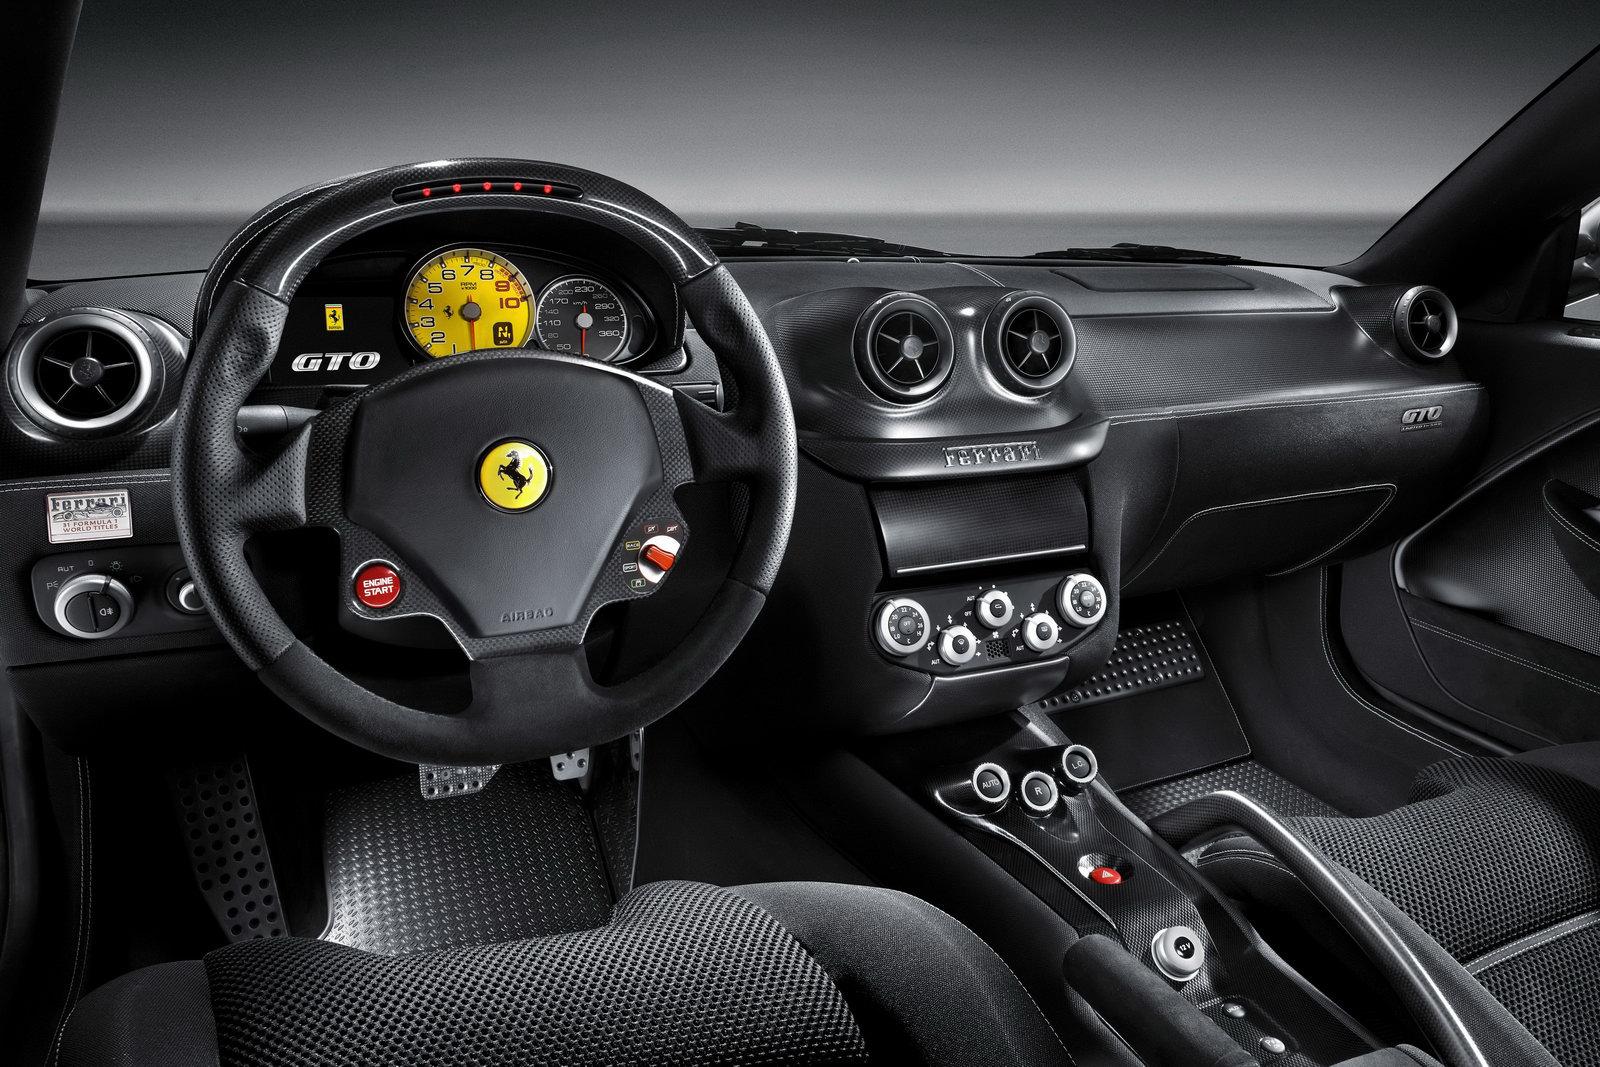 http://2.bp.blogspot.com/_FoXyvaPSnVk/S73ugusUG-I/AAAAAAACufU/6WeutlnlE2g/s1600/Ferrari-599-GTO-5.jpg